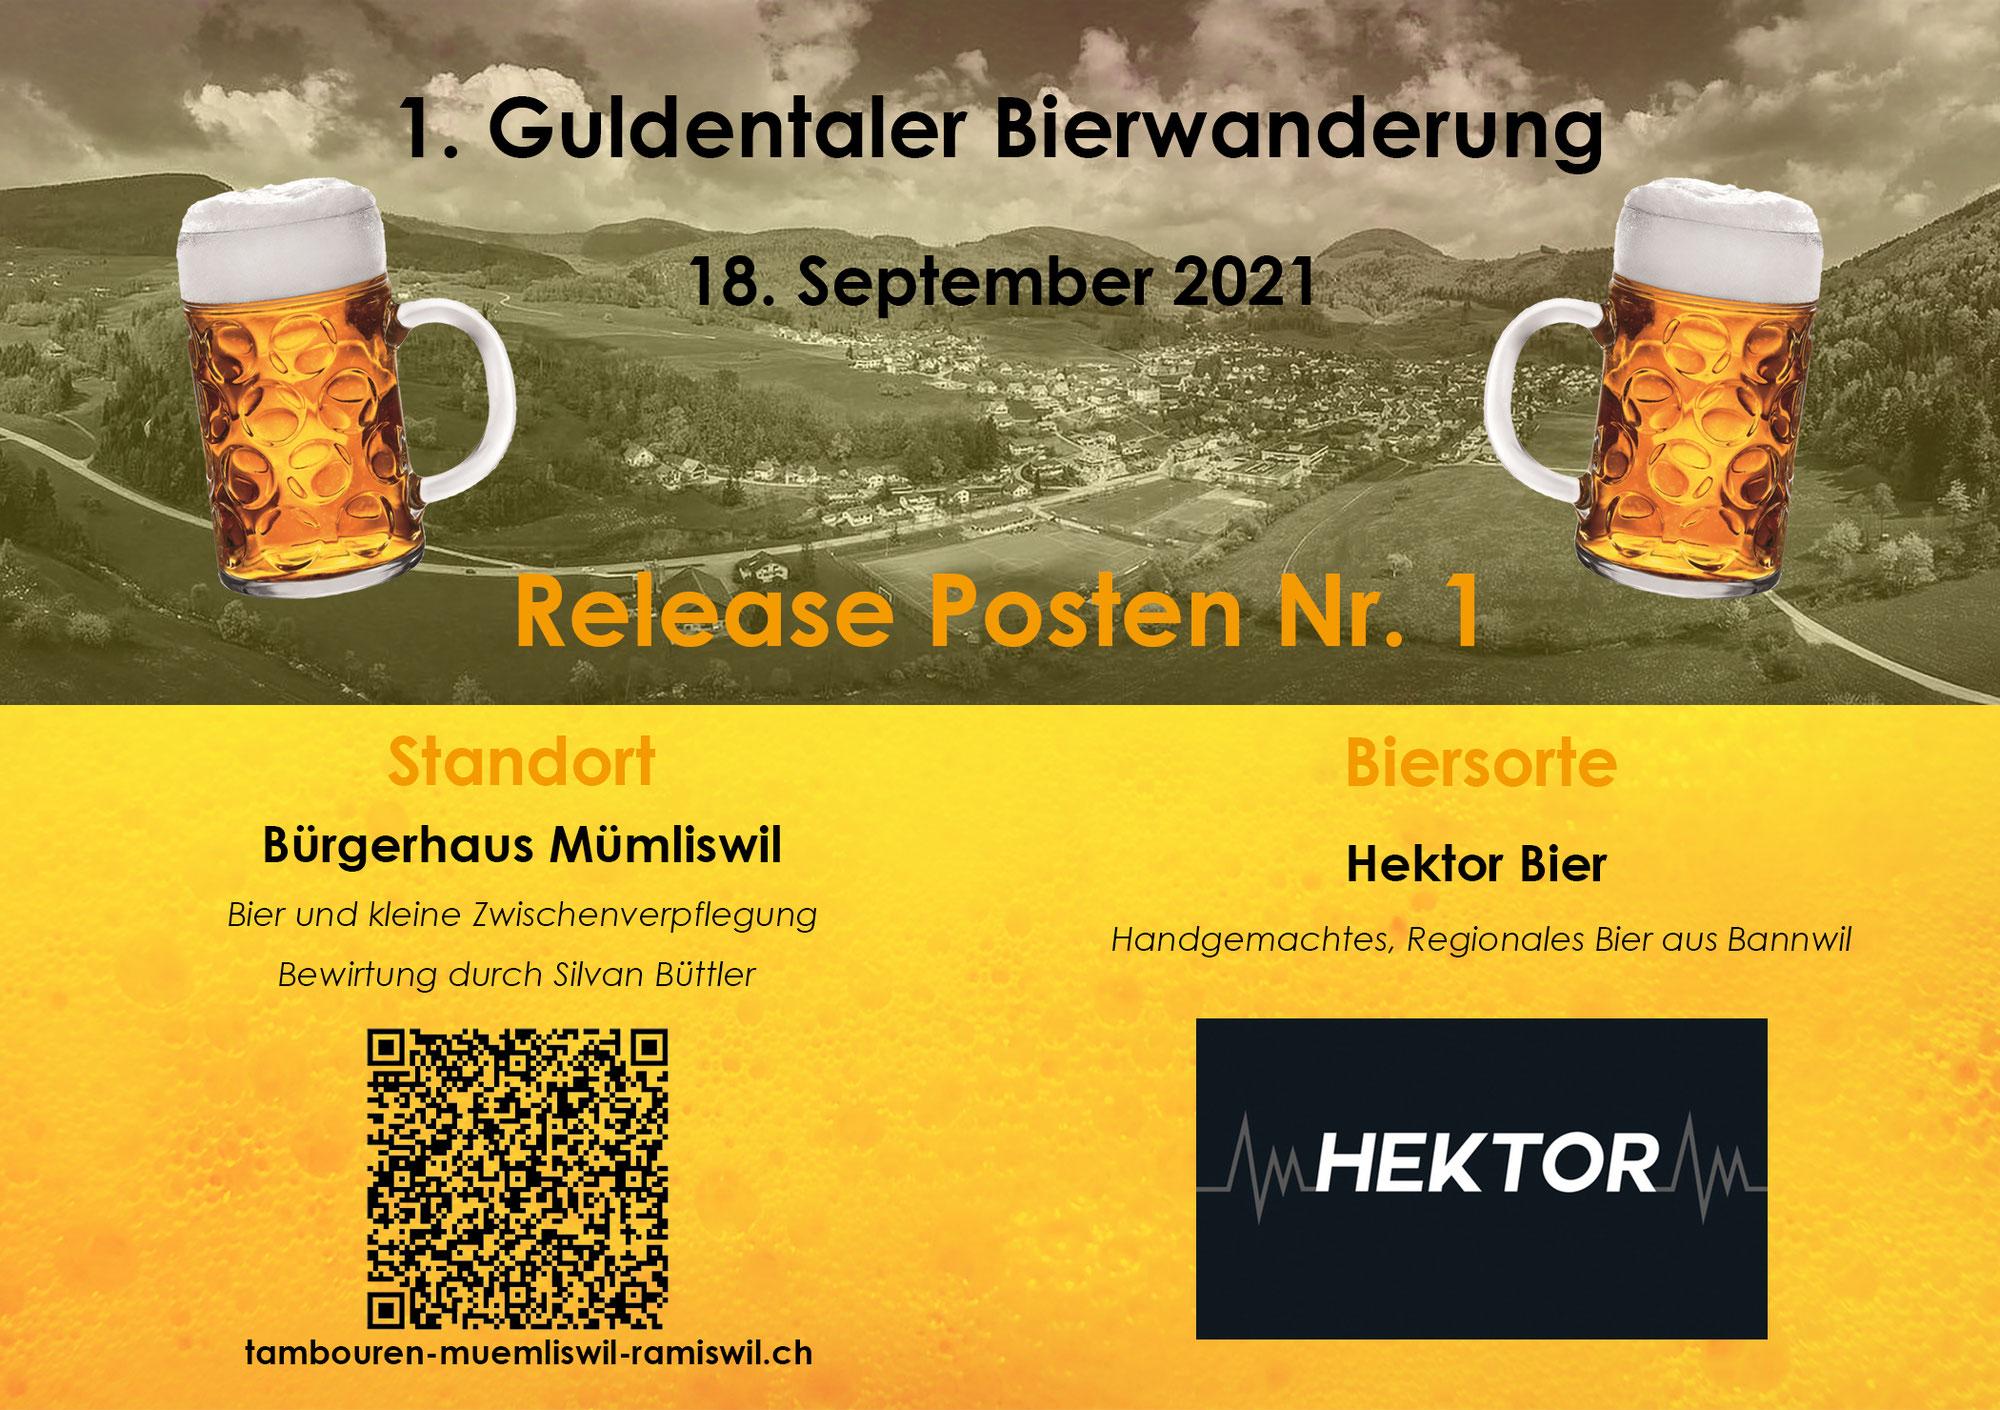 1. Guldentaler Bierwanderung